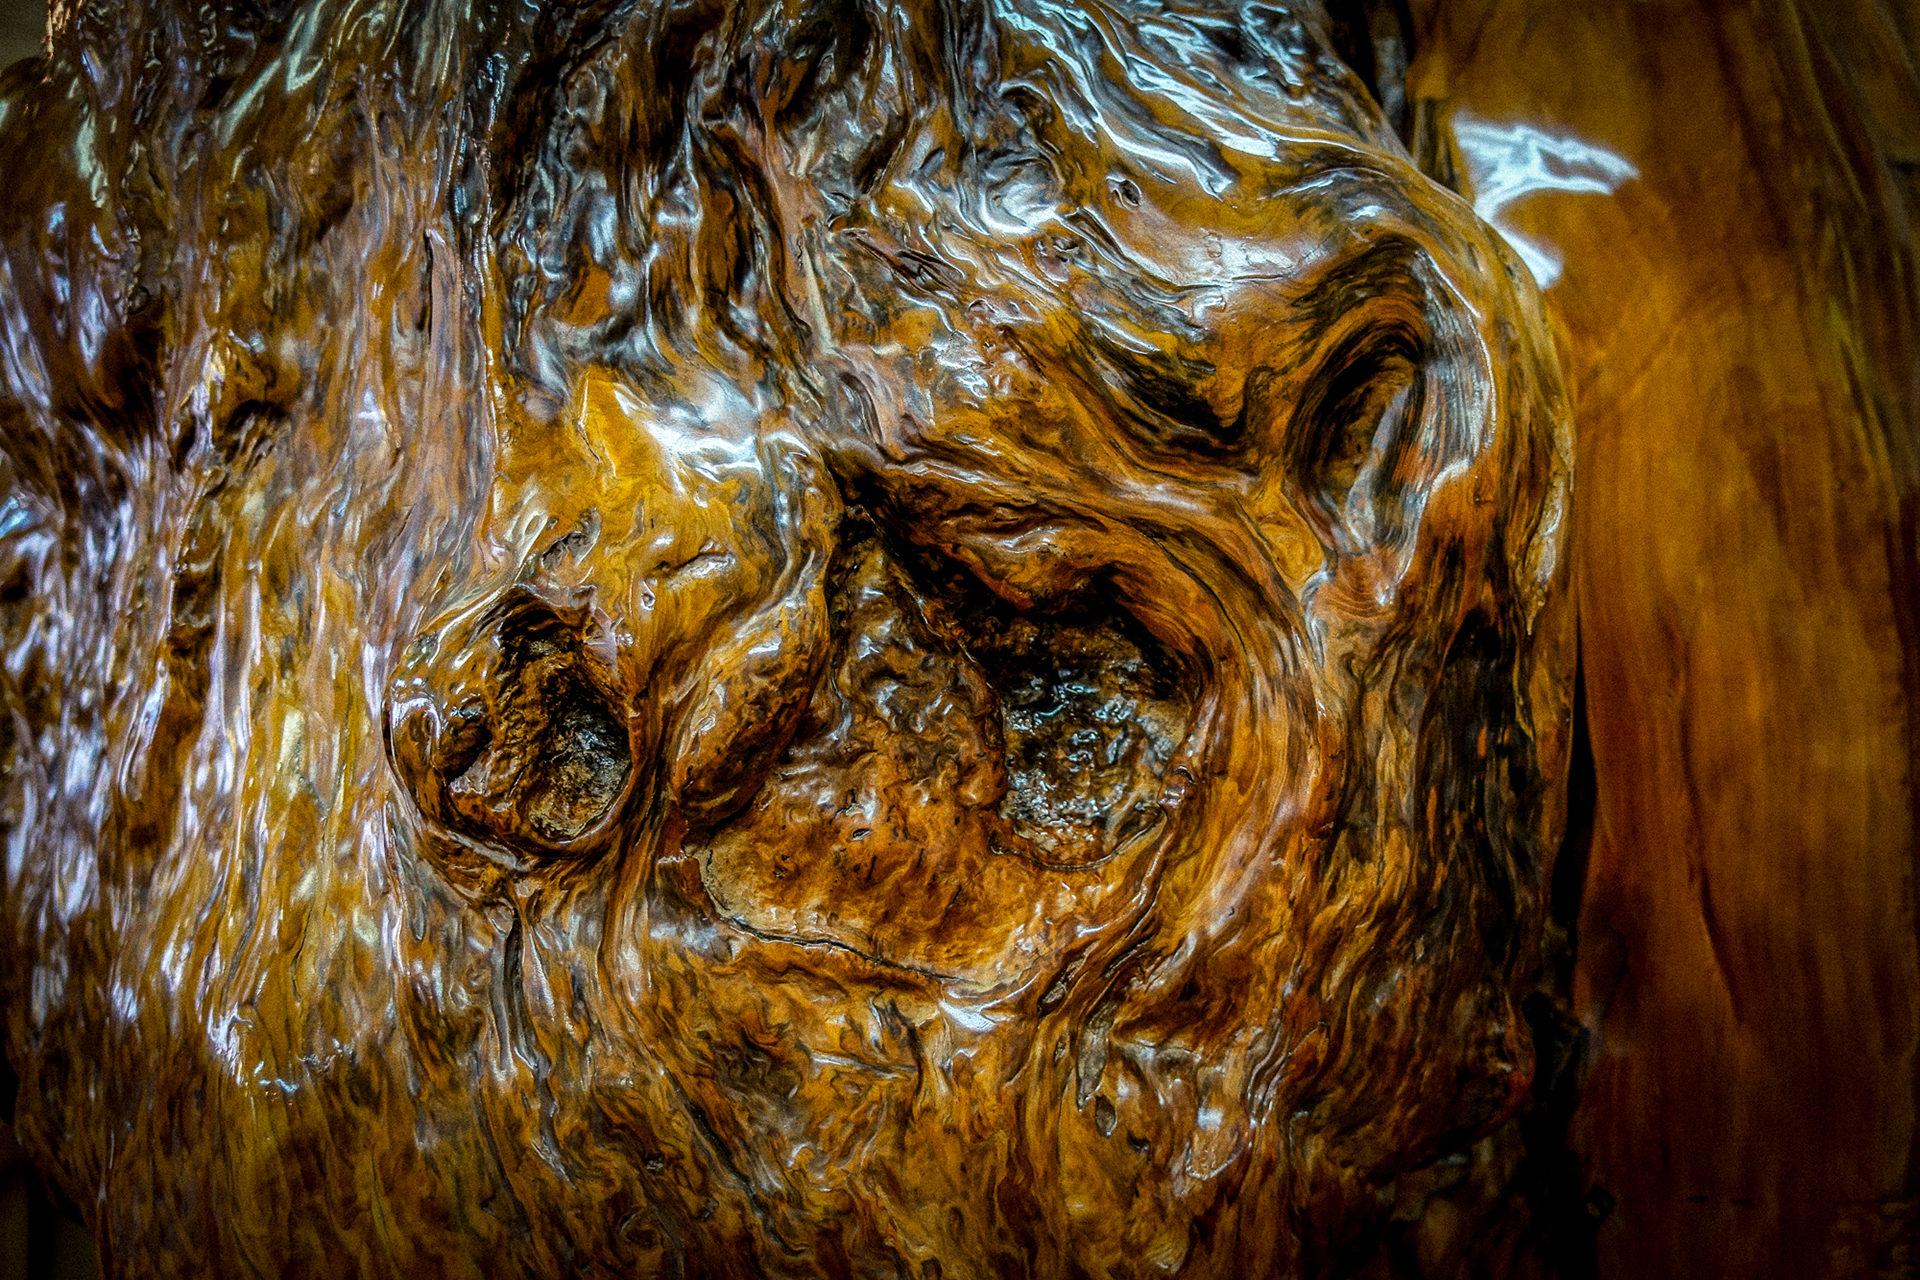 樹齢1000年を超える世界自然遺産屋久島で育った杉をいいます。 伐採するのではなく、台風で倒れた木や土埋木を材料として ひとつひとつ適材適所での木取りをし丁寧に職人の手によって商品として 産まれ変わります。